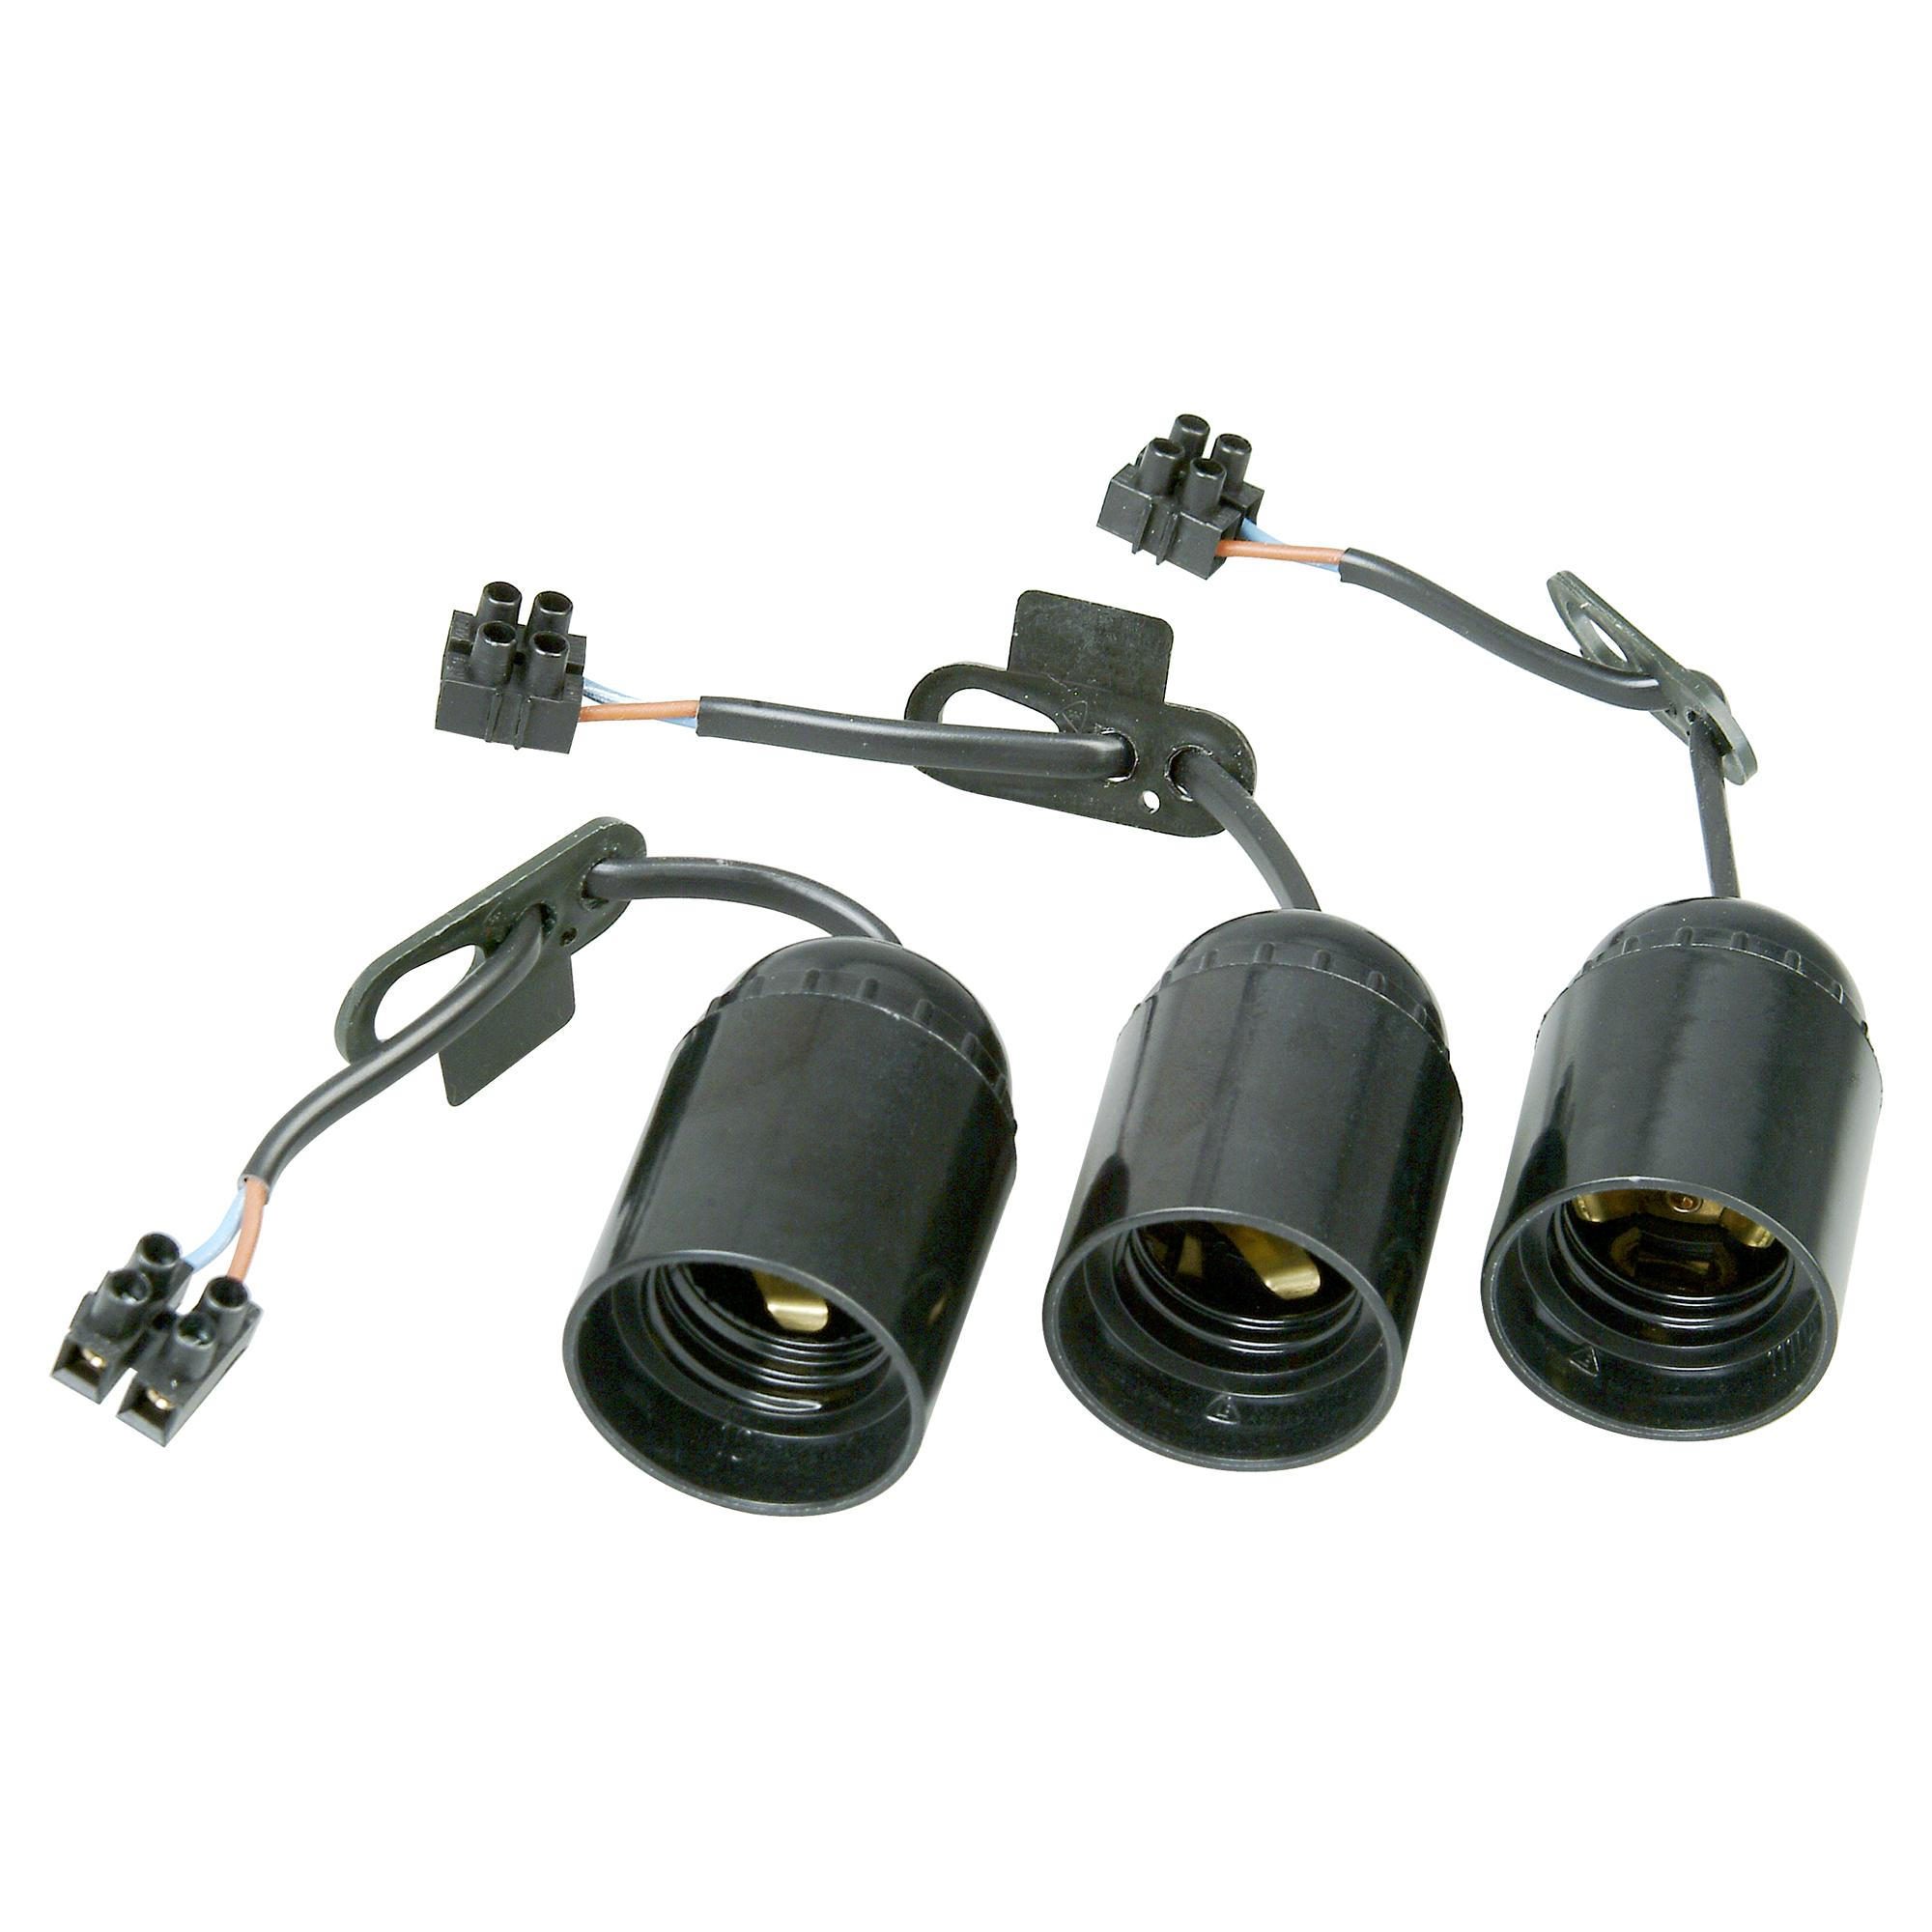 Schwarz E14 mit 2-poliger Lüsterklemme Baufassung im 3er-Set Lampenfassung